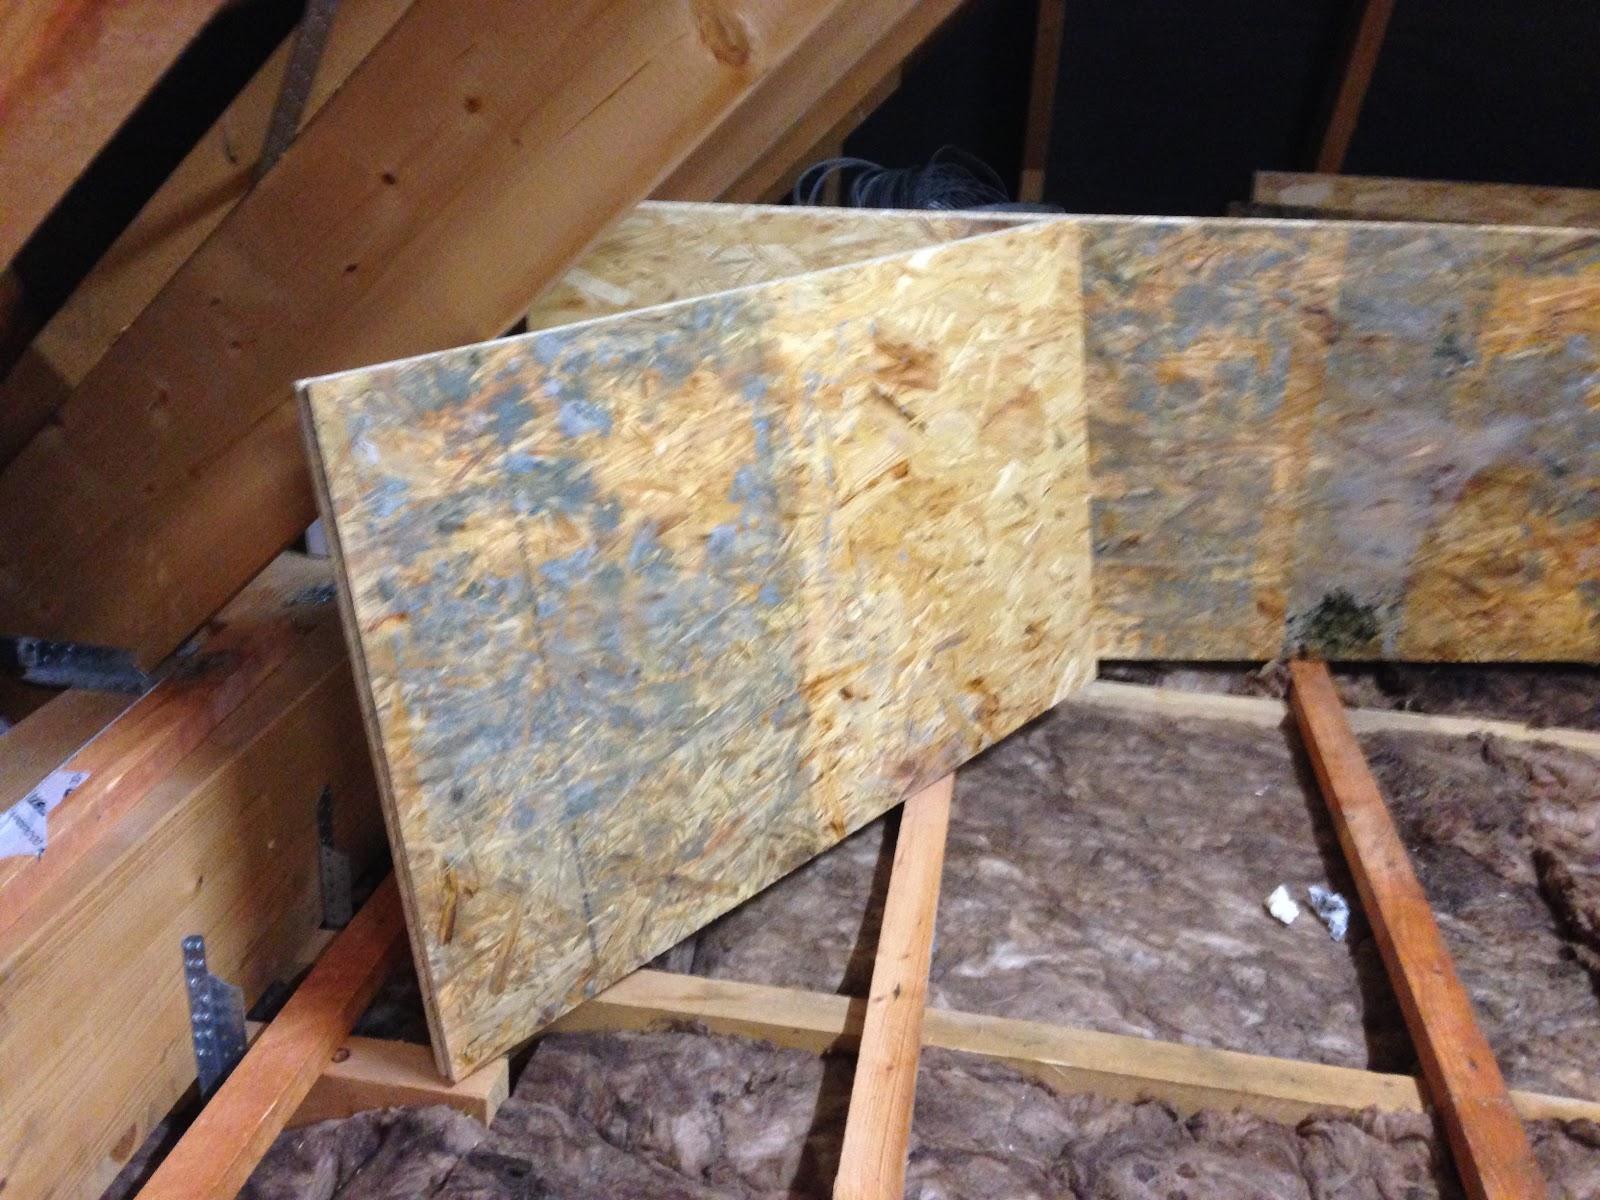 Dachboden Ausbauen Fussboden Aufbau Spitzboden Ausbauen Ideen